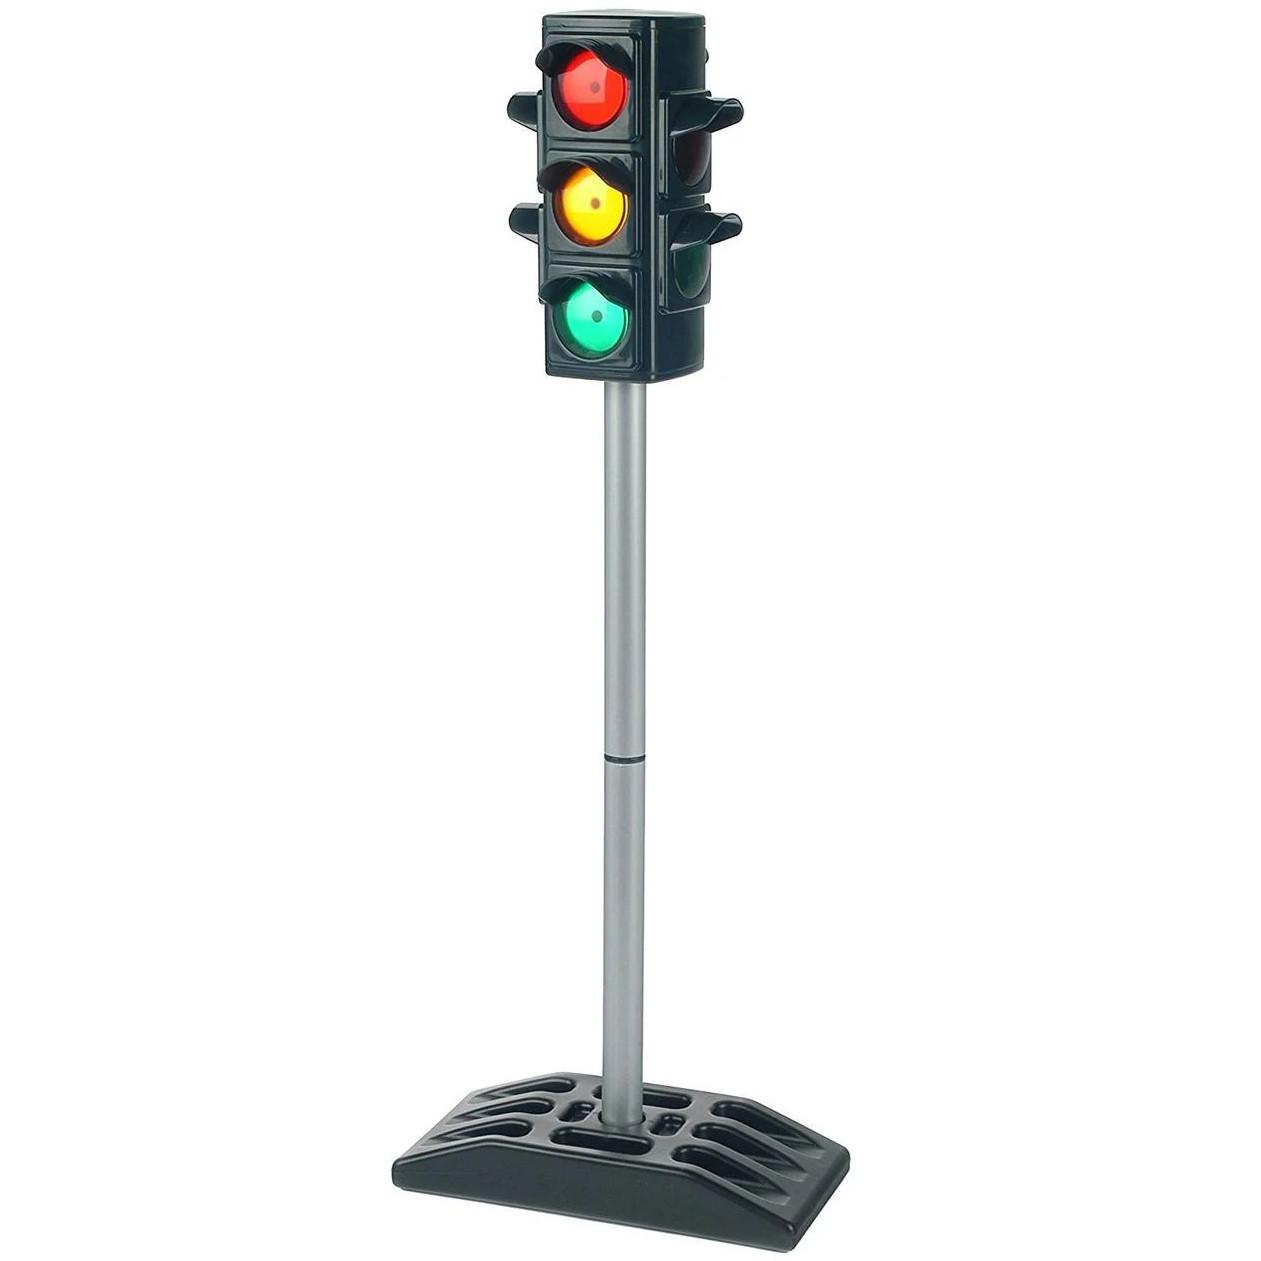 Дитячий іграшковий світлофор Klein 2990 72 см функціональний для дітей